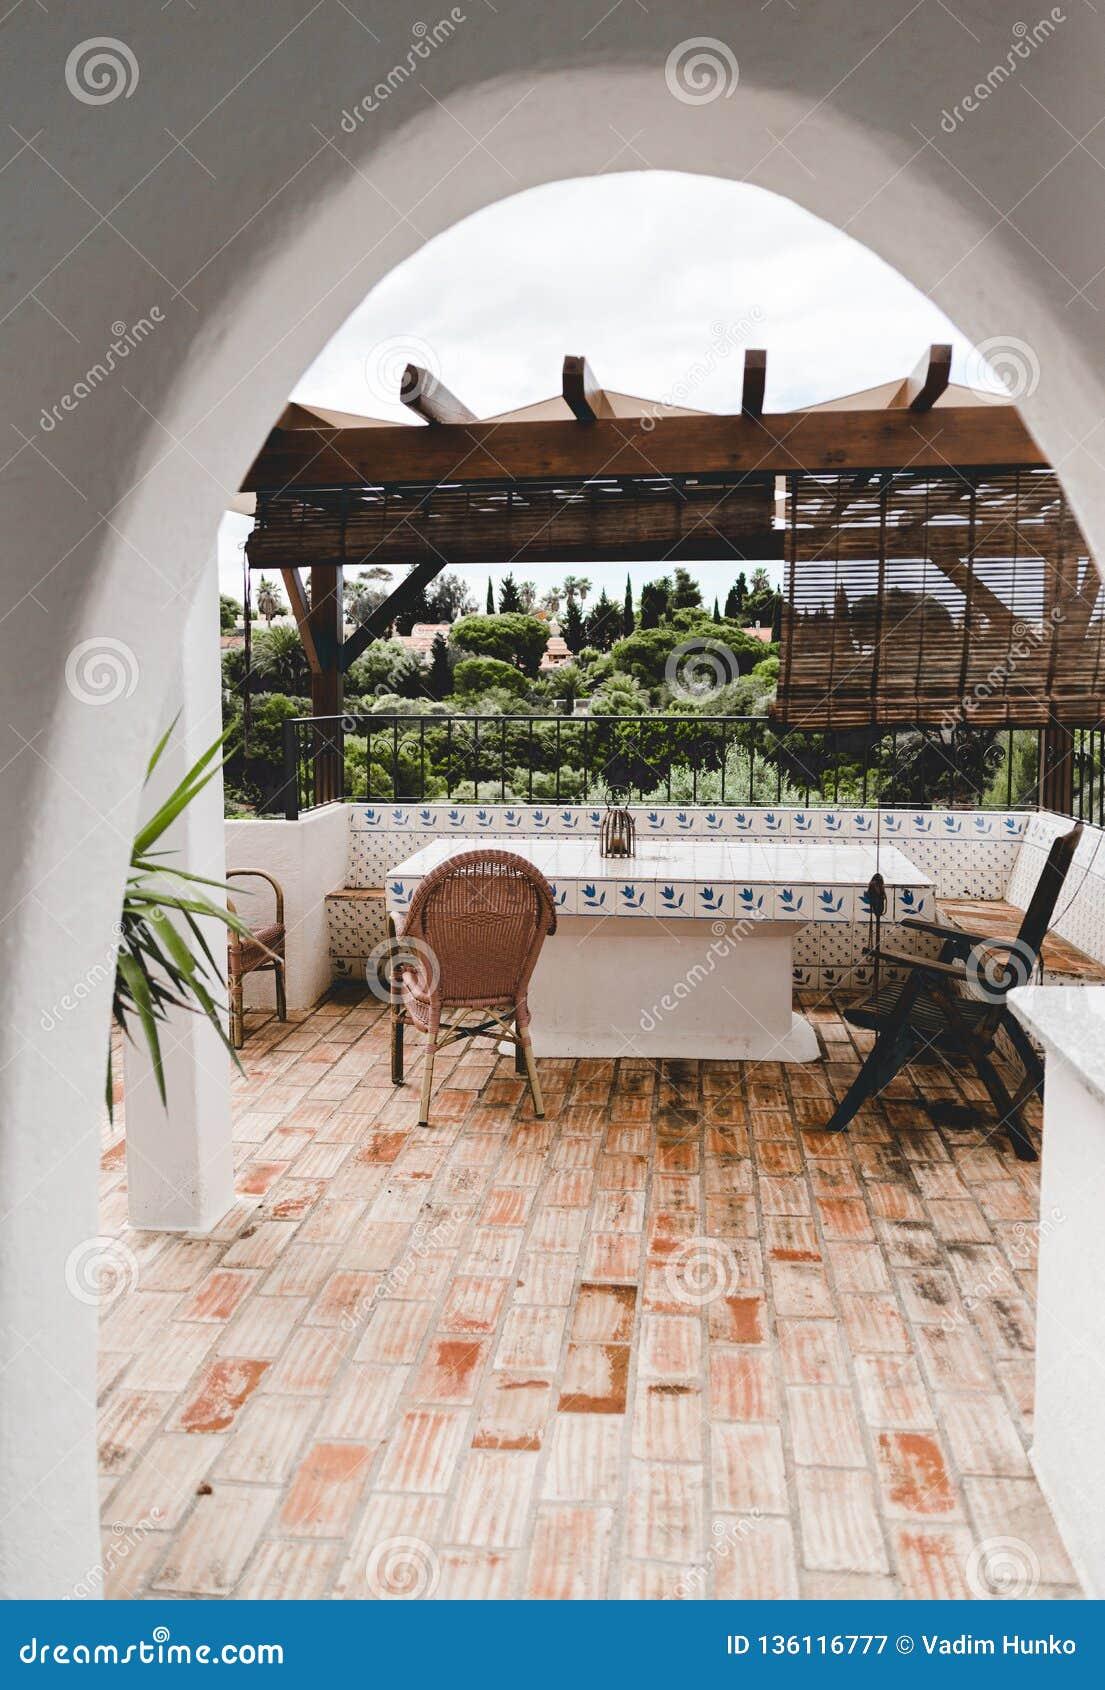 Conception intérieure à la maison au Portugal Portimao